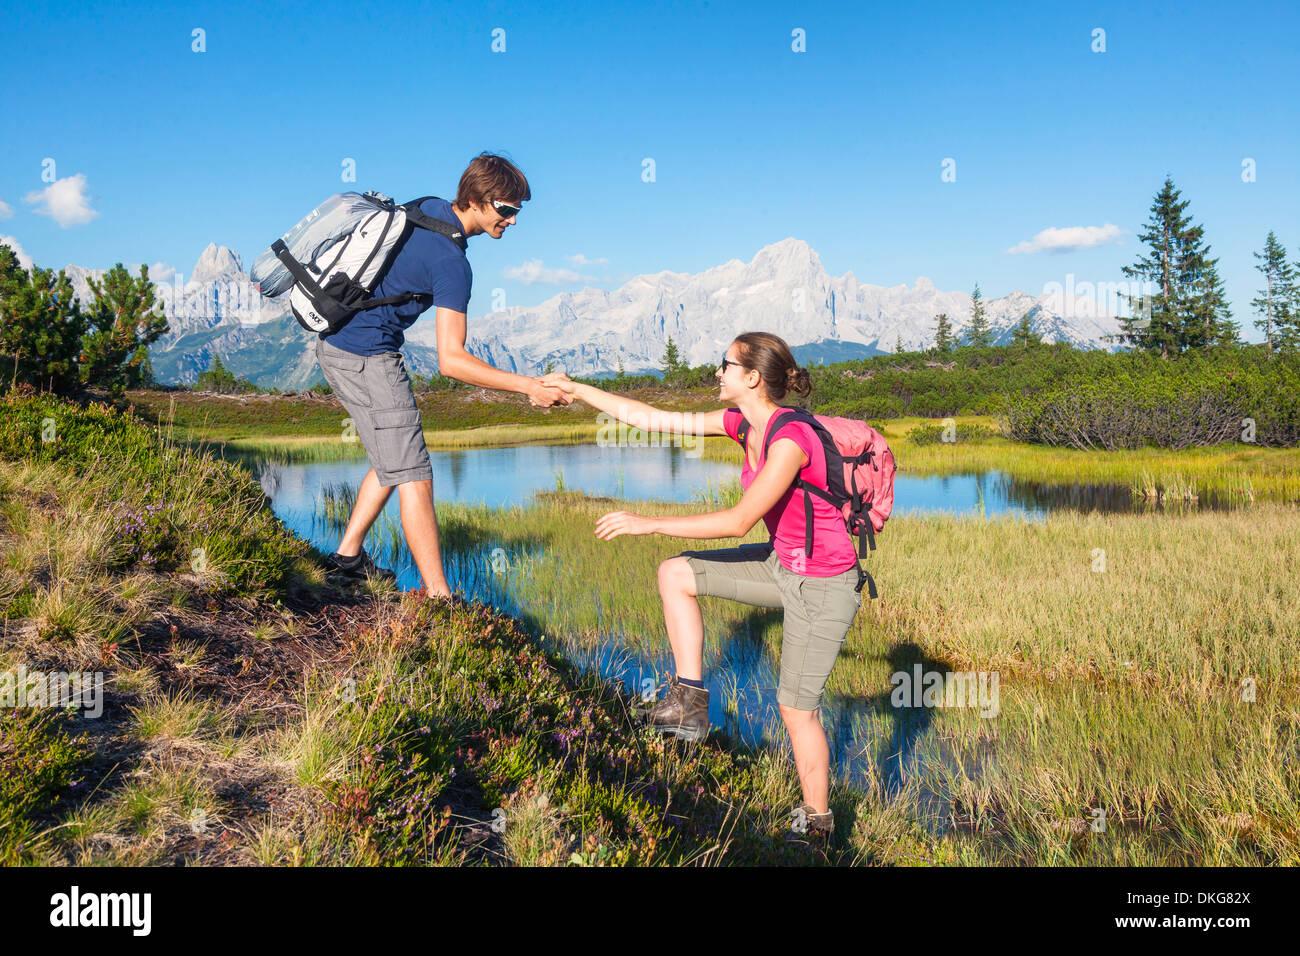 Coppia giovane escursionismo, Bischofsmuetze, Gosaukamm und Dachstein, Salzburger Land Austria, Europa Immagini Stock